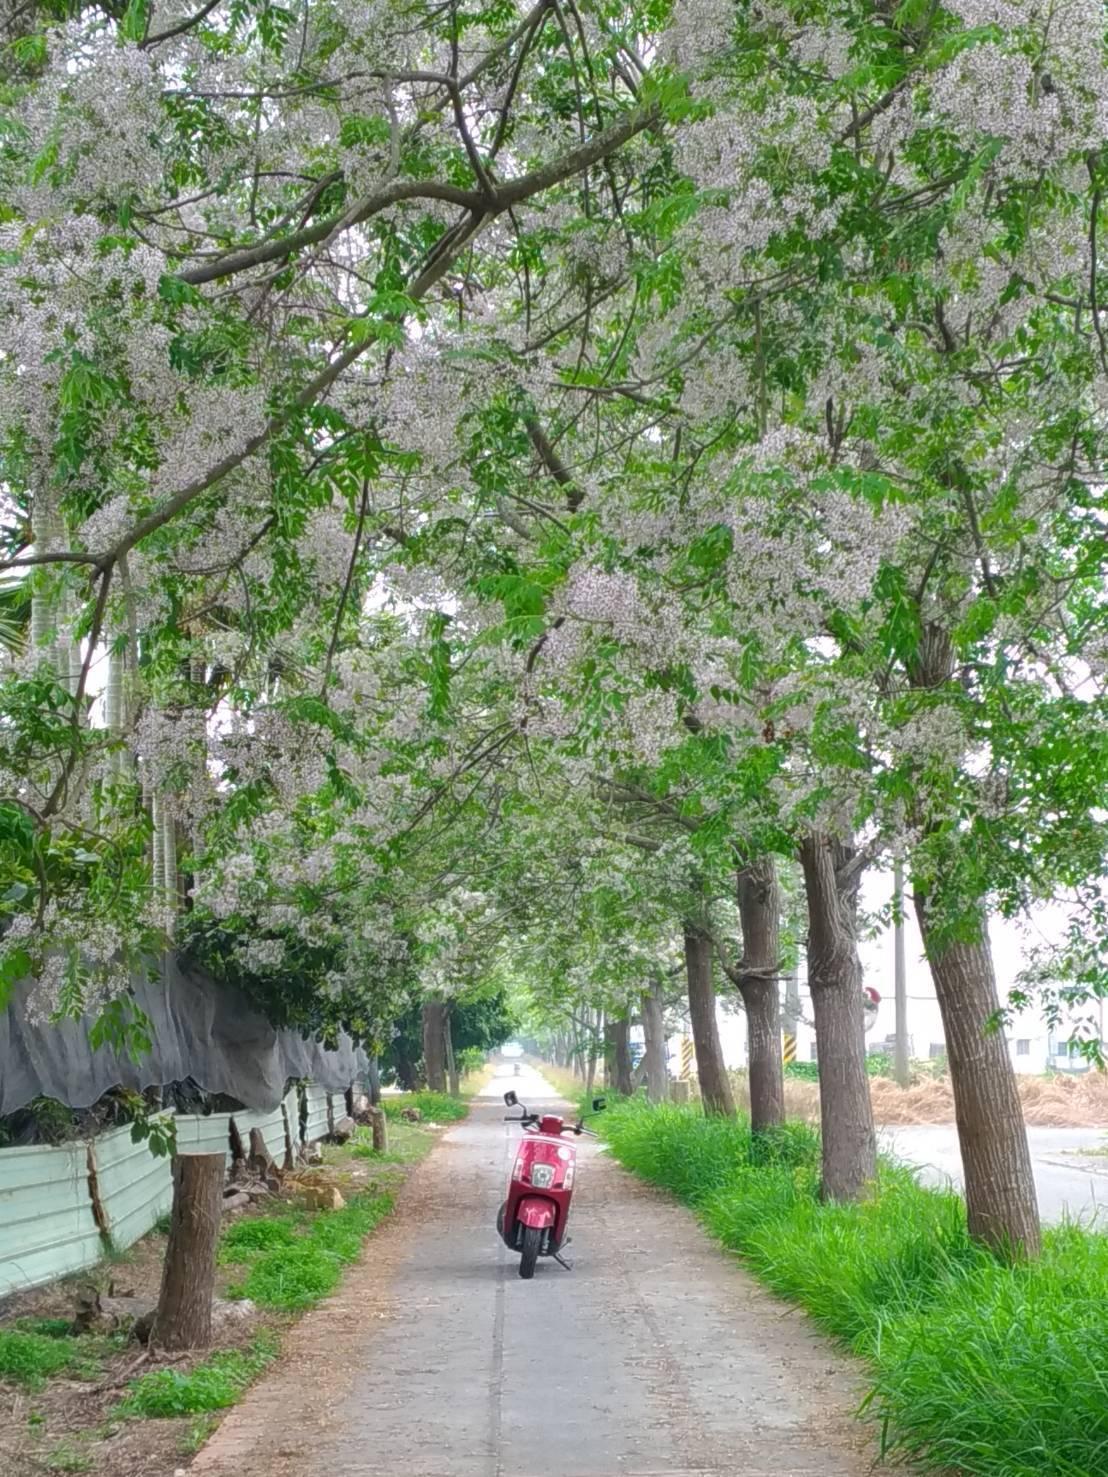 福權自行車道兩旁的苦楝樹在3、4月間開花。圖/王薏瑄提供